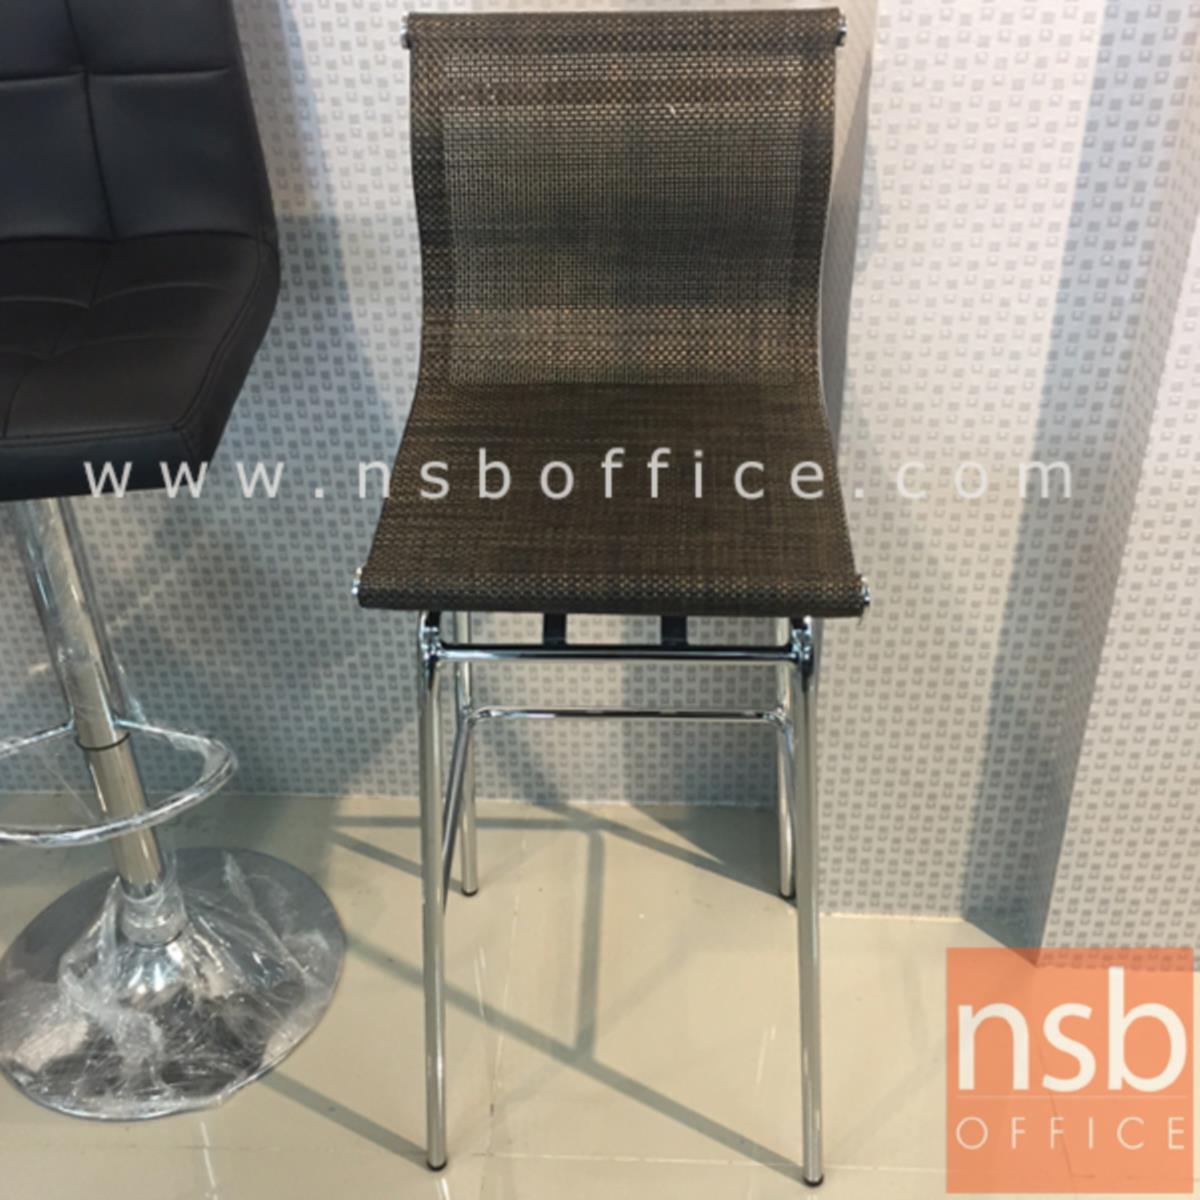 เก้าอี้บาร์สูงผ้าเน็ต รุ่น BH-8818 ขนาด 39W cm. โครงเหล็กชุบโครเมี่ยม